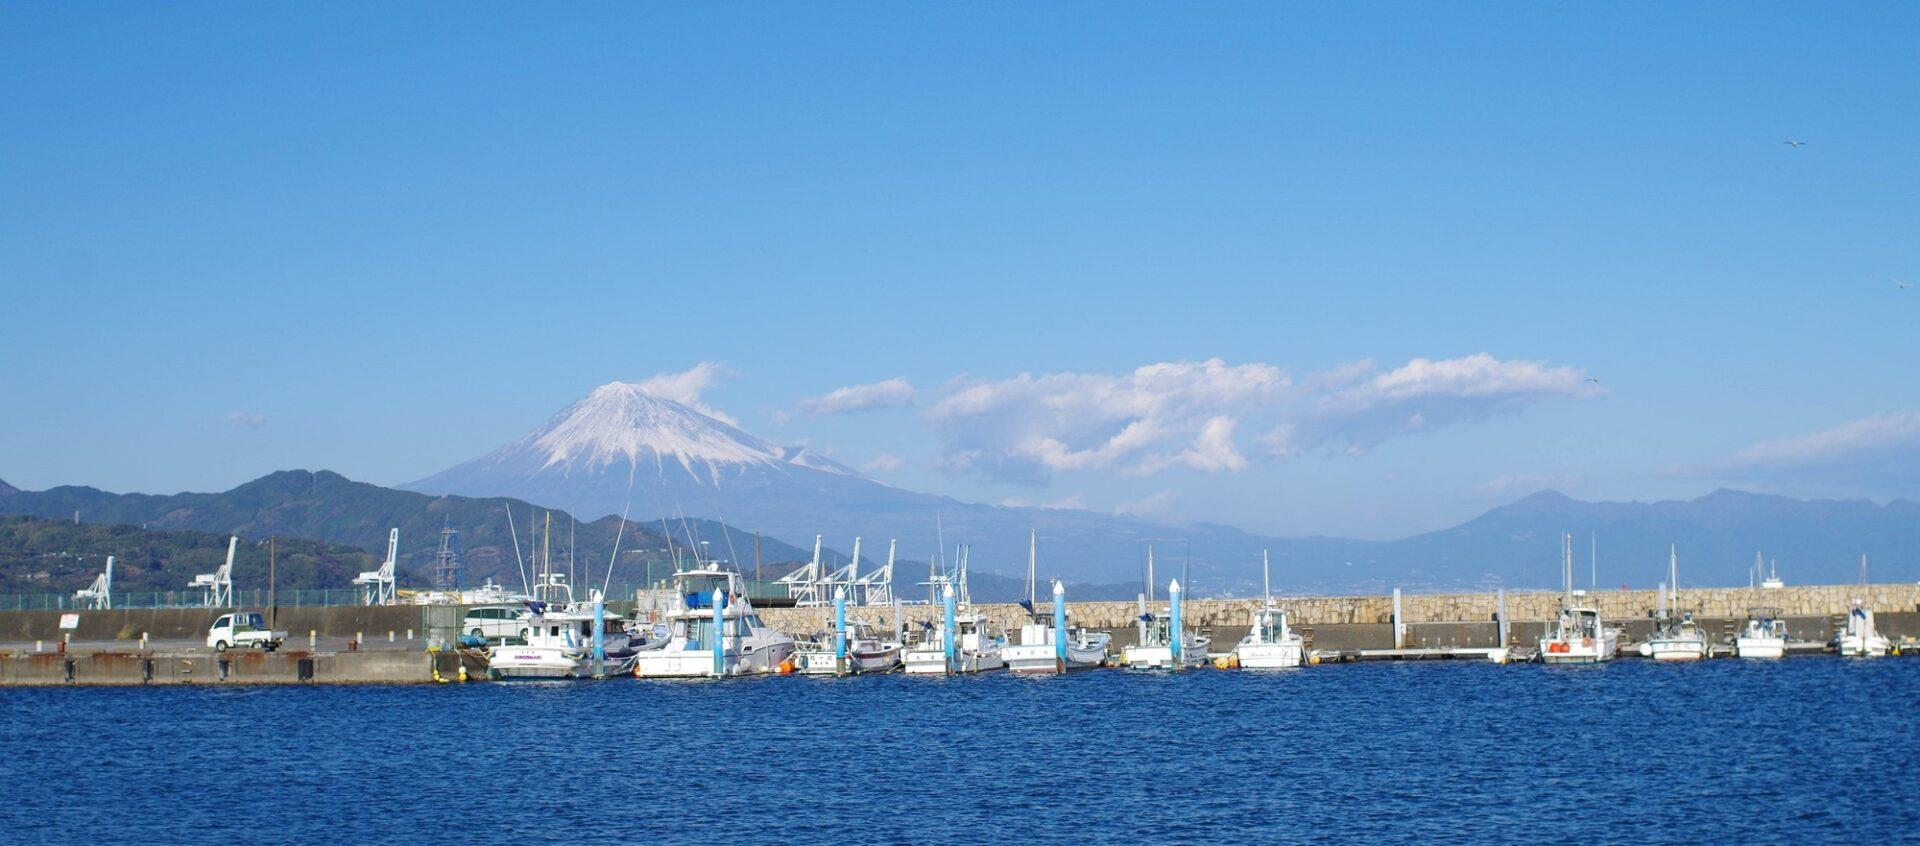 富士山が見える海と港